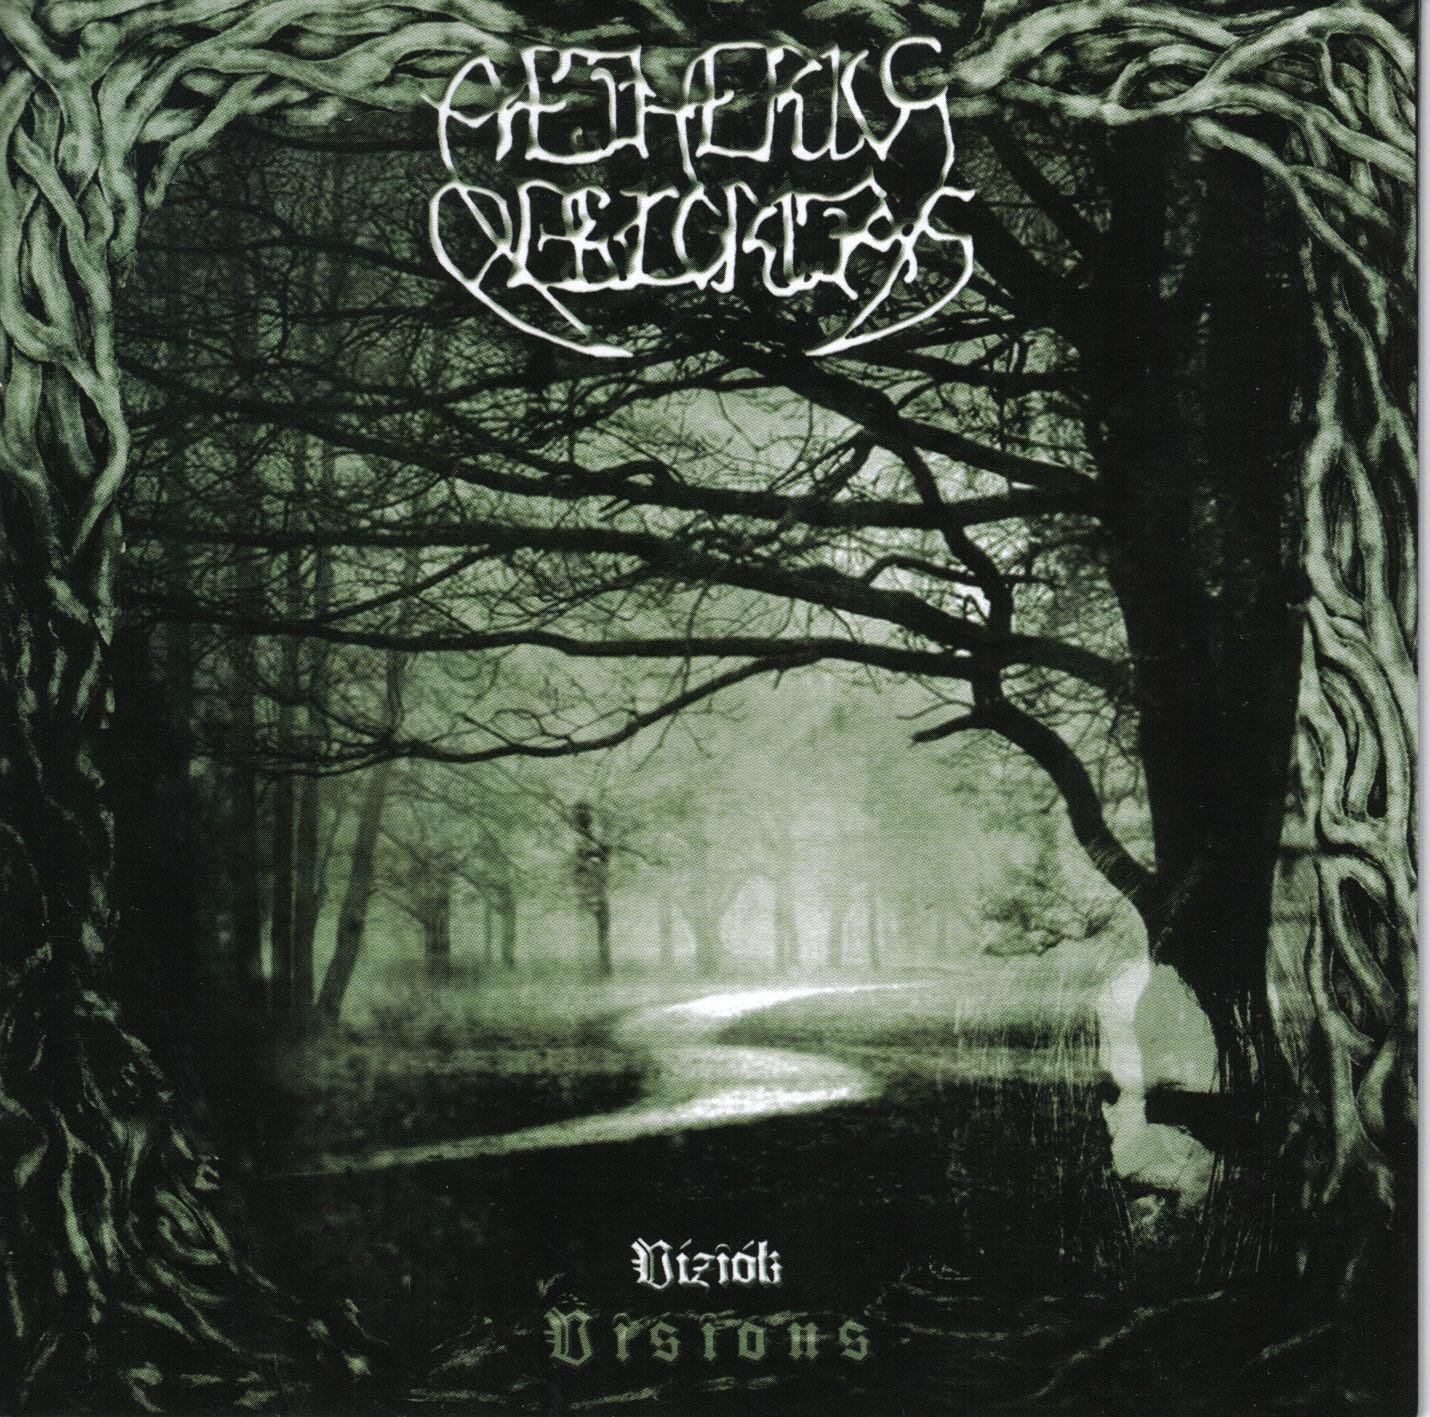 AETHERIUS OBSCURITAS Viziok (Visions)